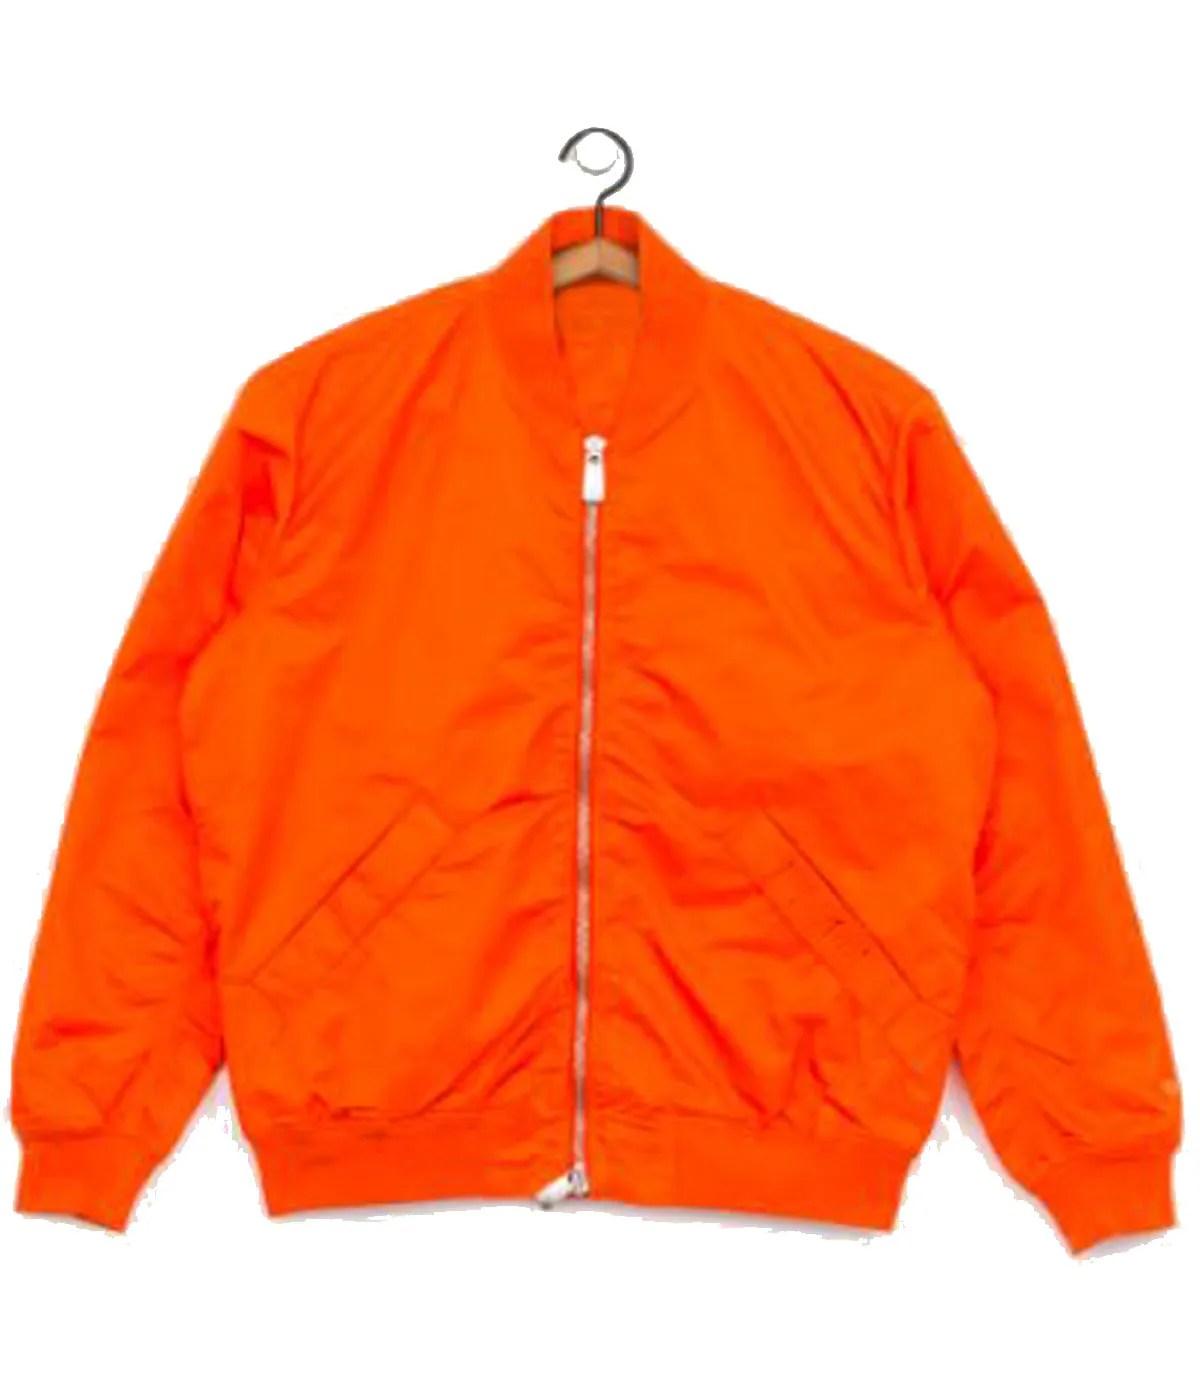 orange-bomber-jacket